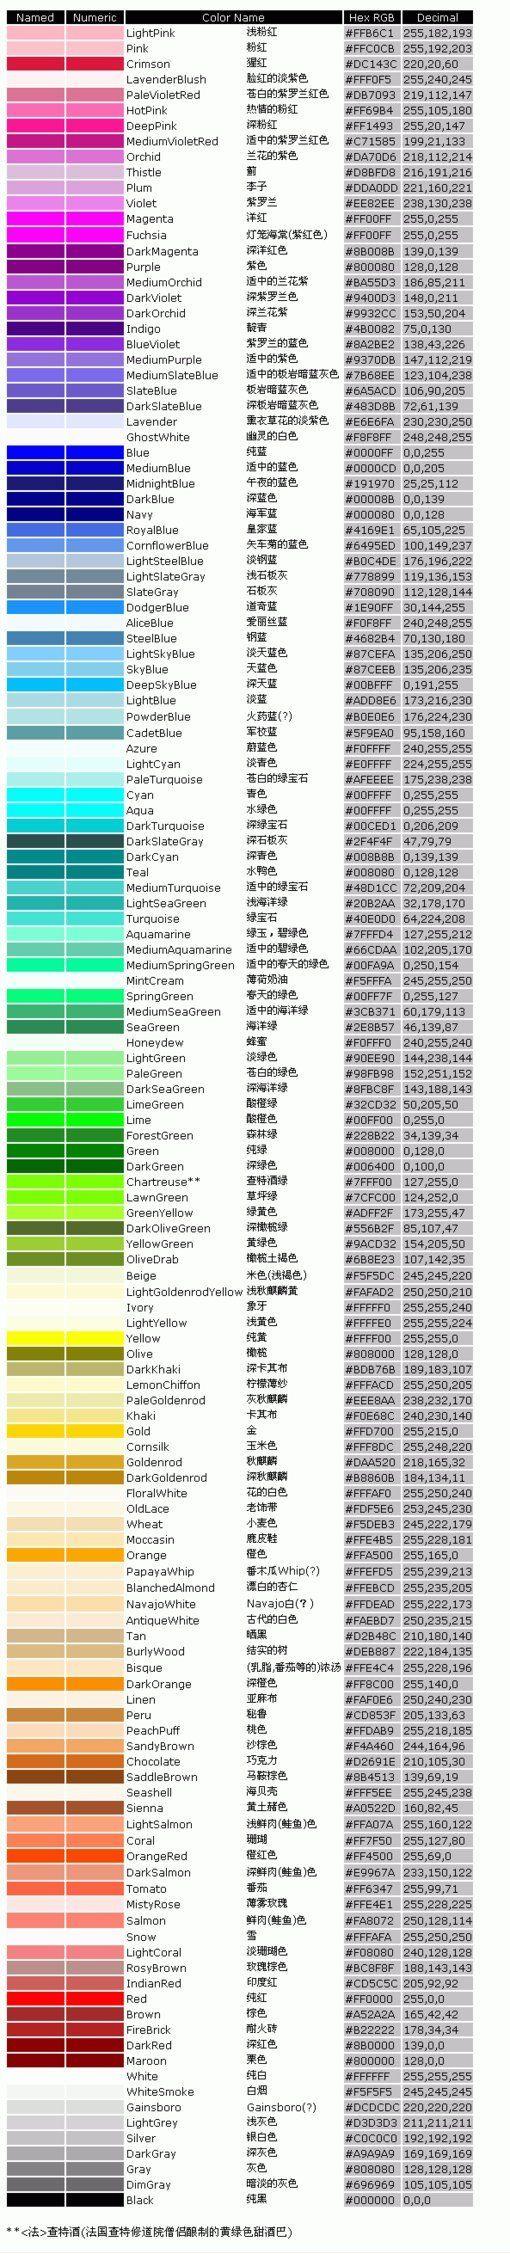 Crayola dandelion fed85d hex color code schemes charts crayola dandelion fed85d hex color code schemes charts palettes paints rgb cmyk hsl conversion colour me happy pinterest hex color codes nvjuhfo Images